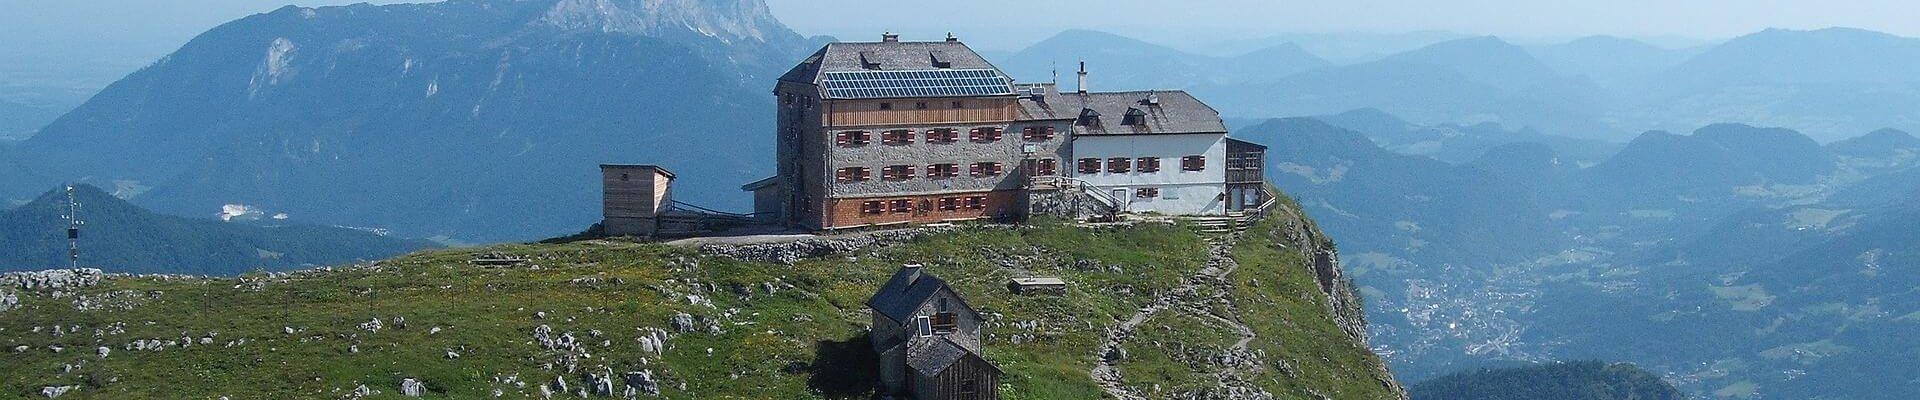 Watzmann-haus